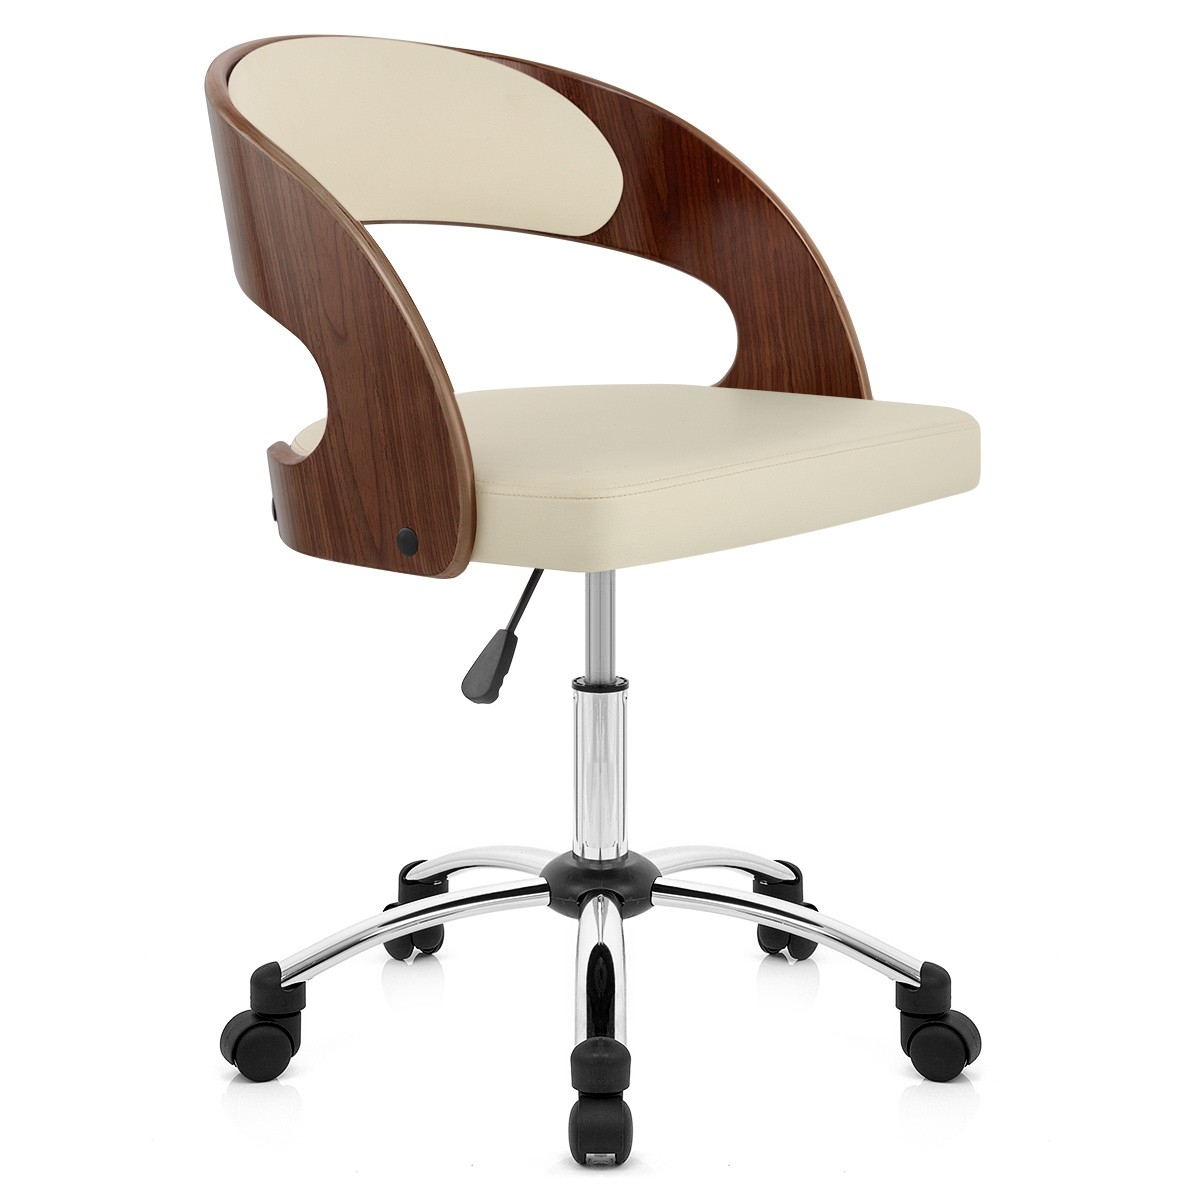 Chaise de bureau en bois chaise ordinateur Lepolyglotte